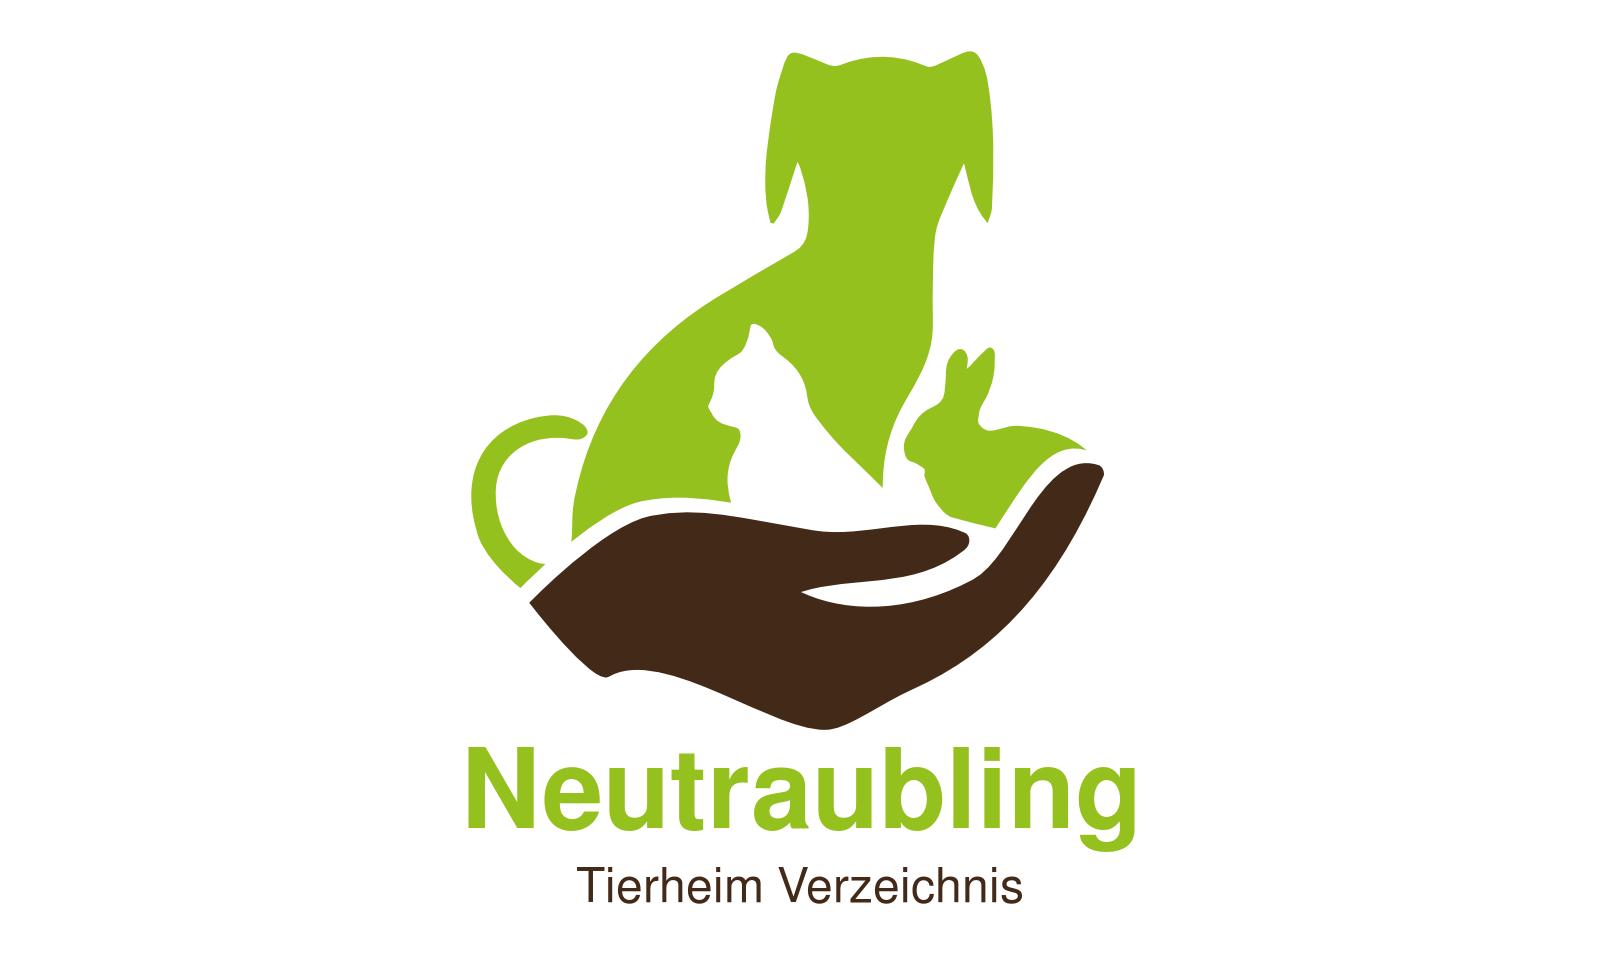 Tierheim Neutraubling